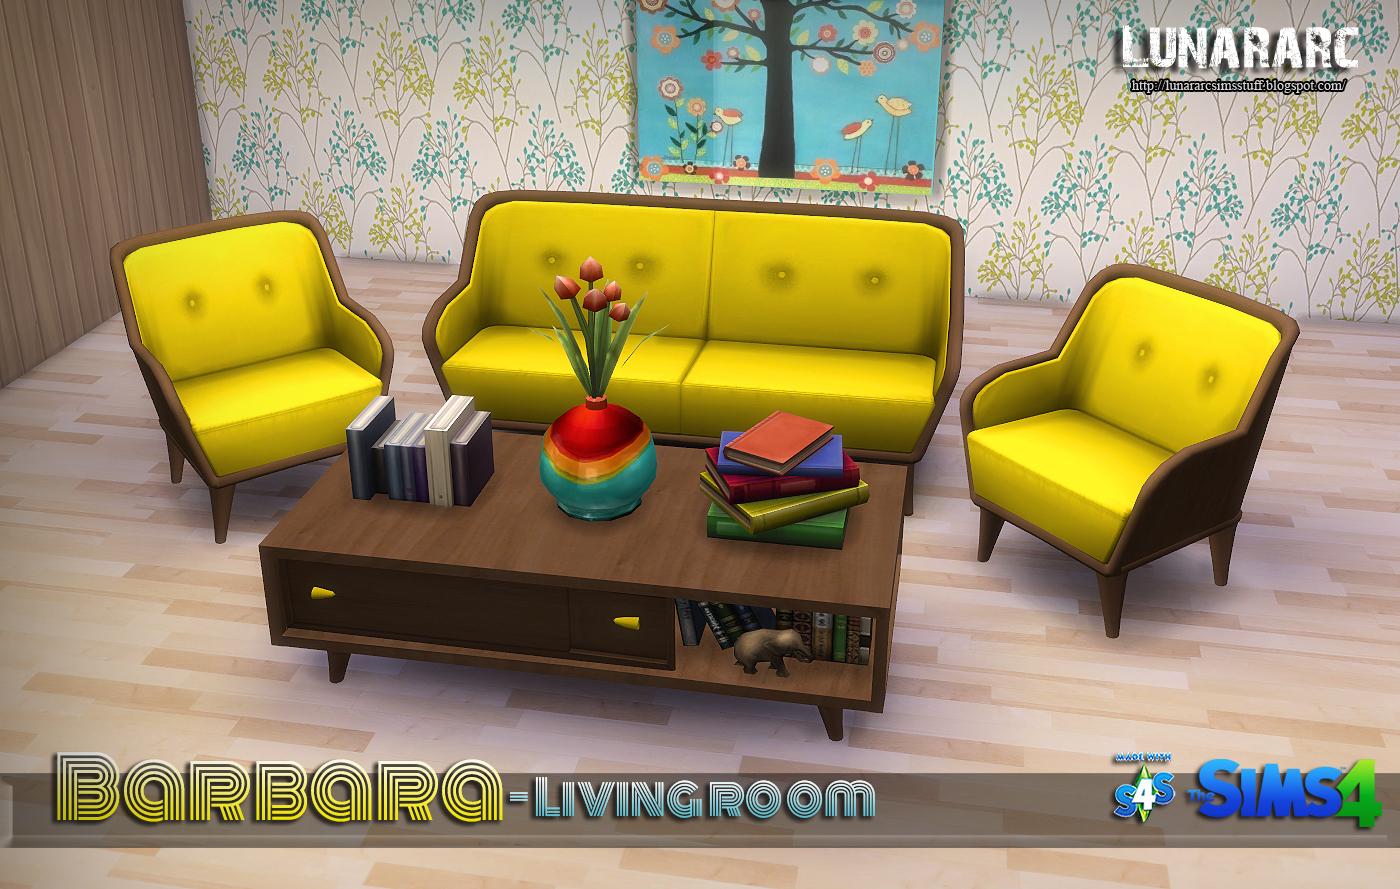 Lunararc Sims : Barbara Living room Set